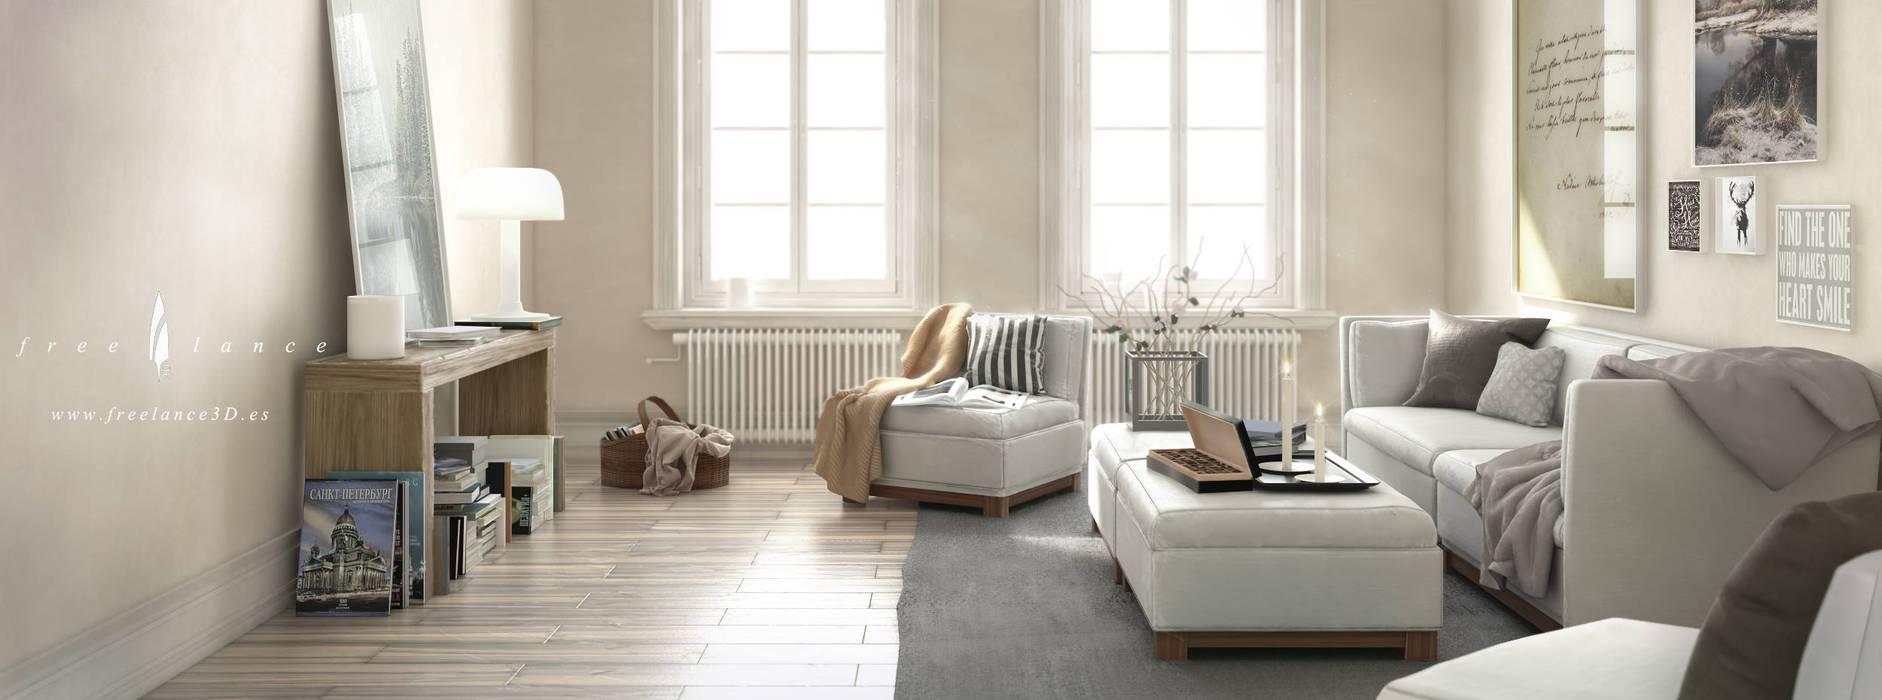 Freelance3d Modern living room